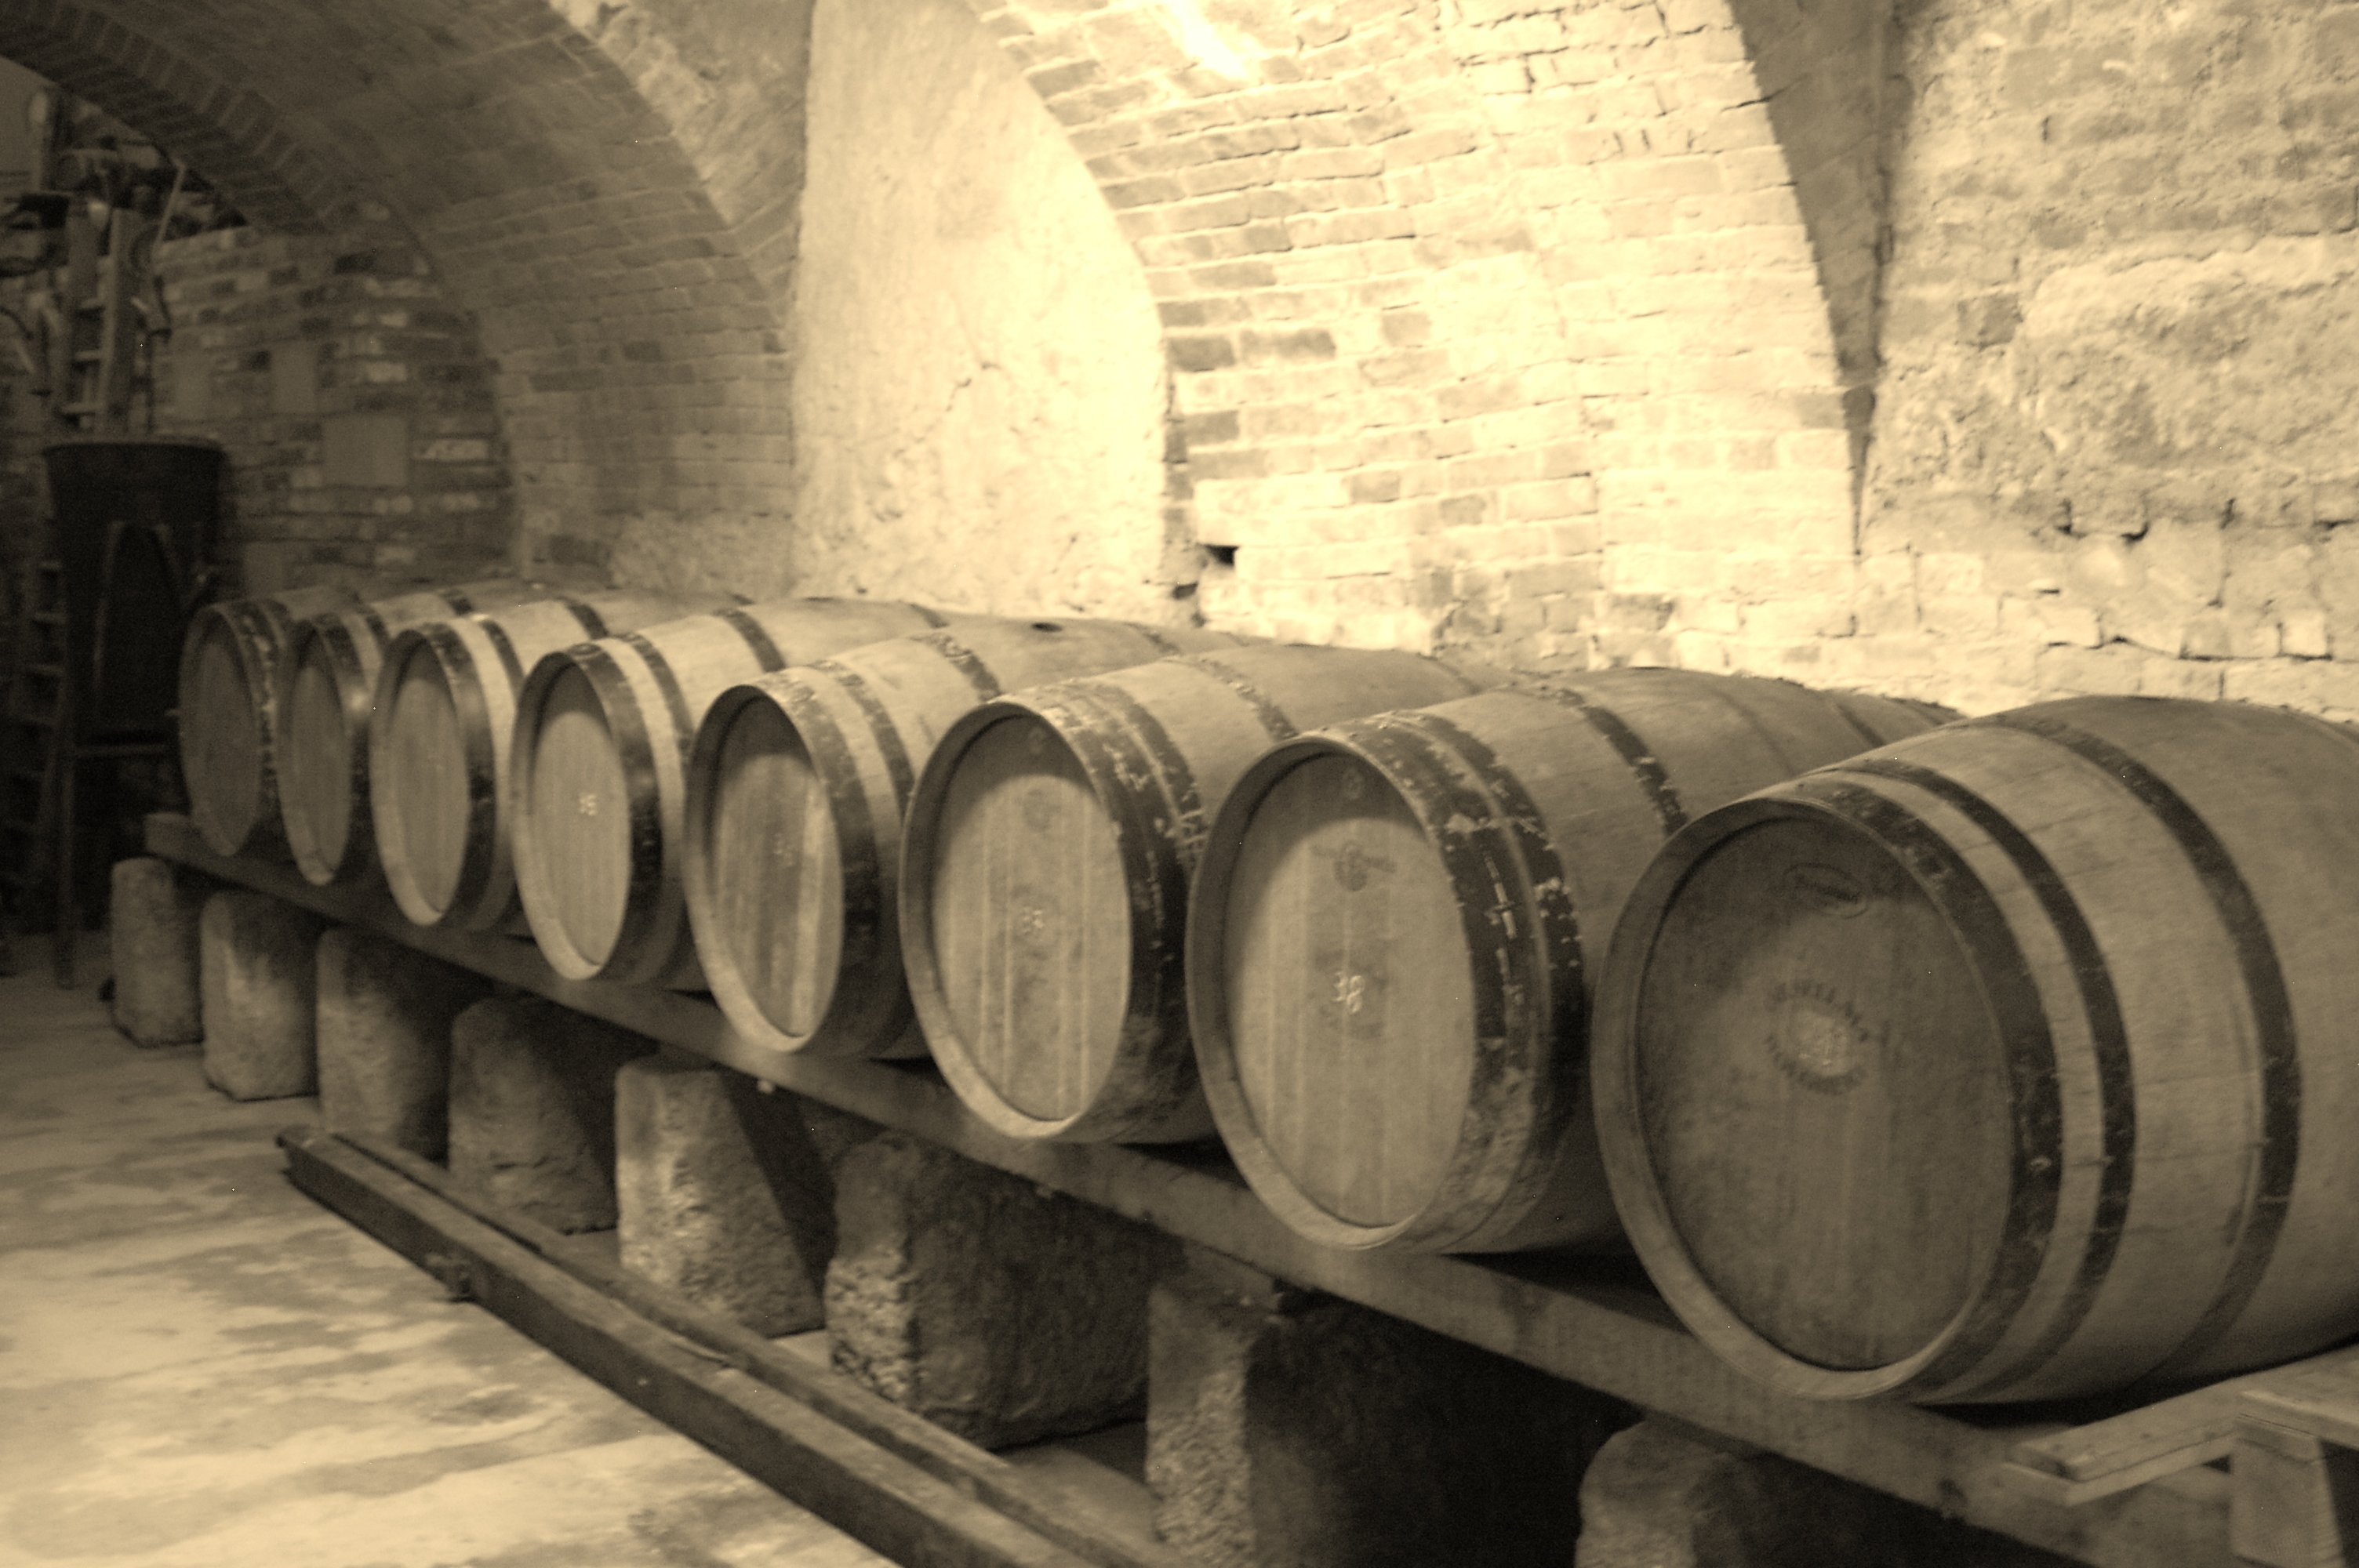 Our barrels